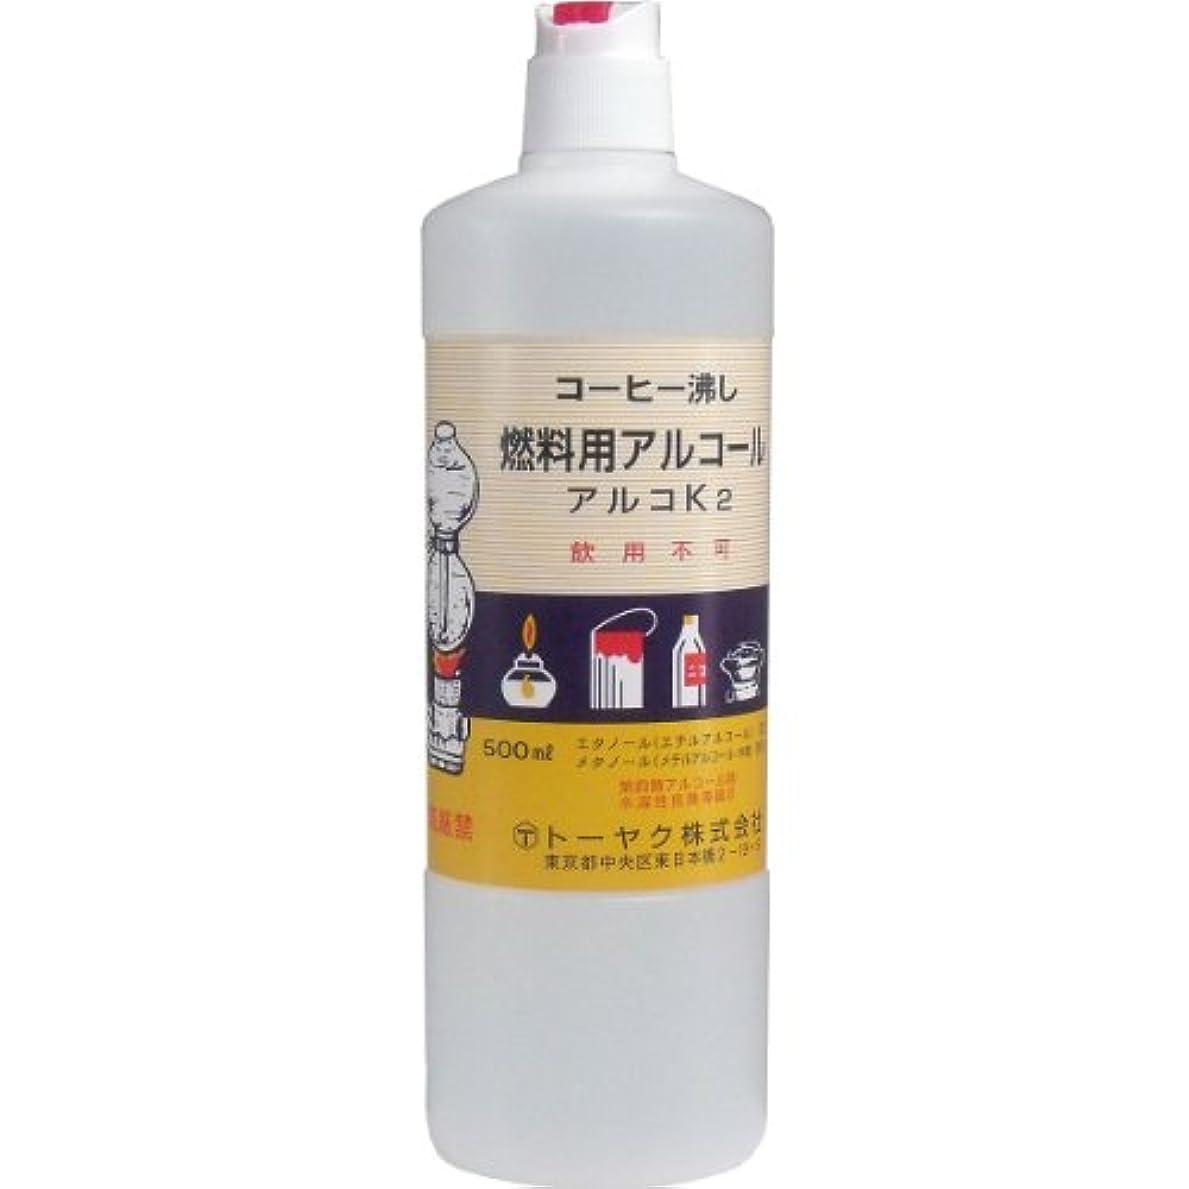 弁護人床を掃除する摂氏燃料用アルコール アルコK2 ×3個セット